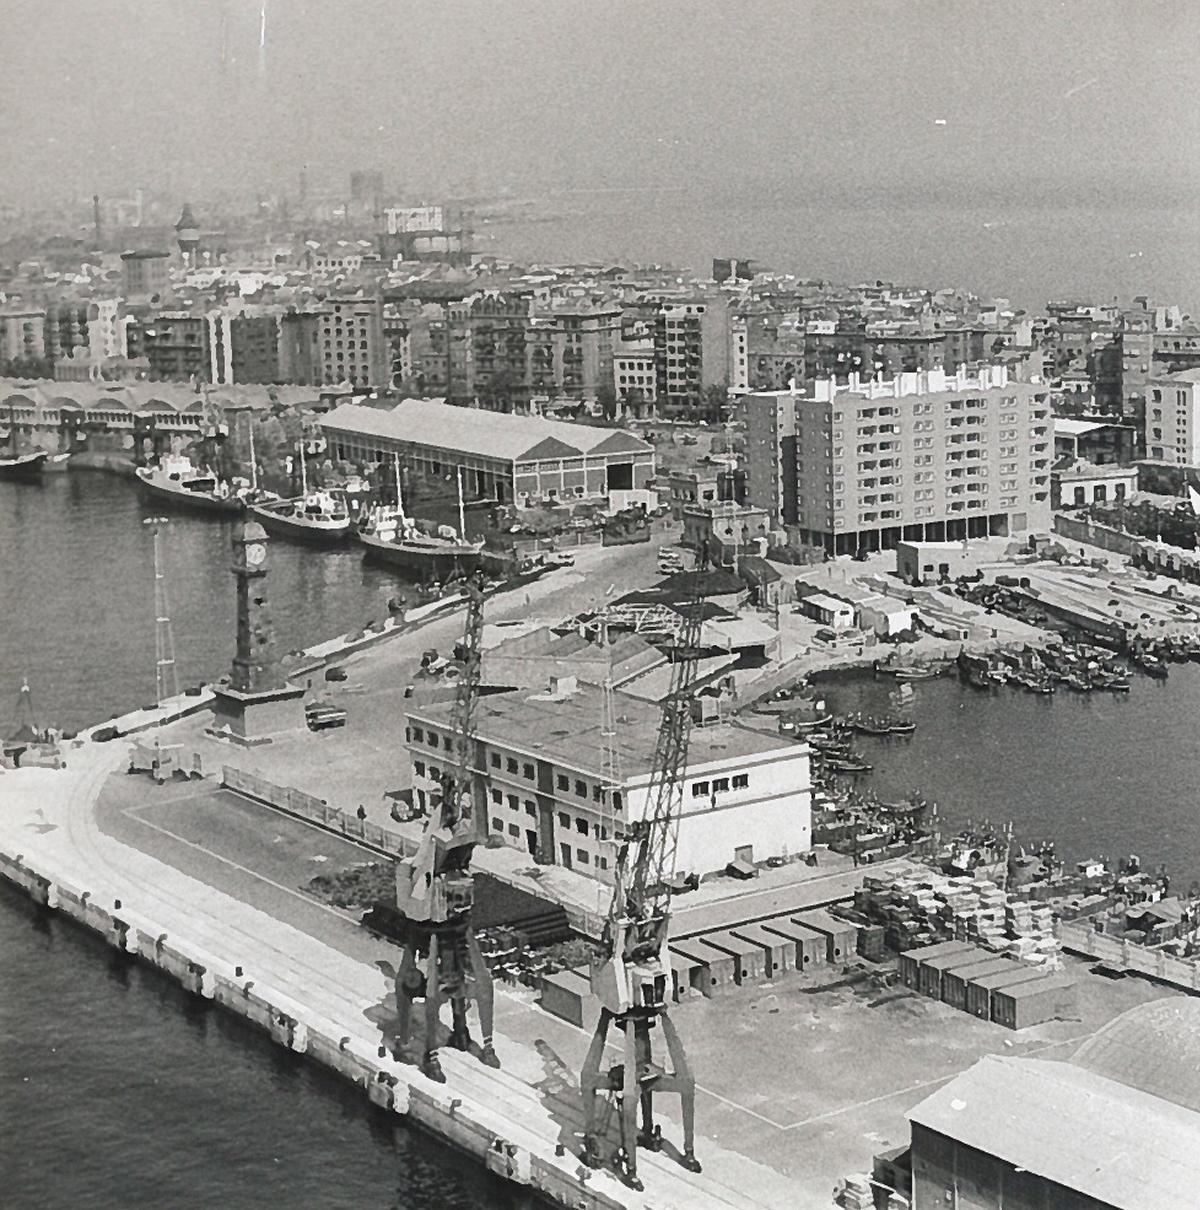 Parte del puerto de Barcelona con la ciudad al fondo en la década de 1960 / Autoridad Portuaria de Barcelona